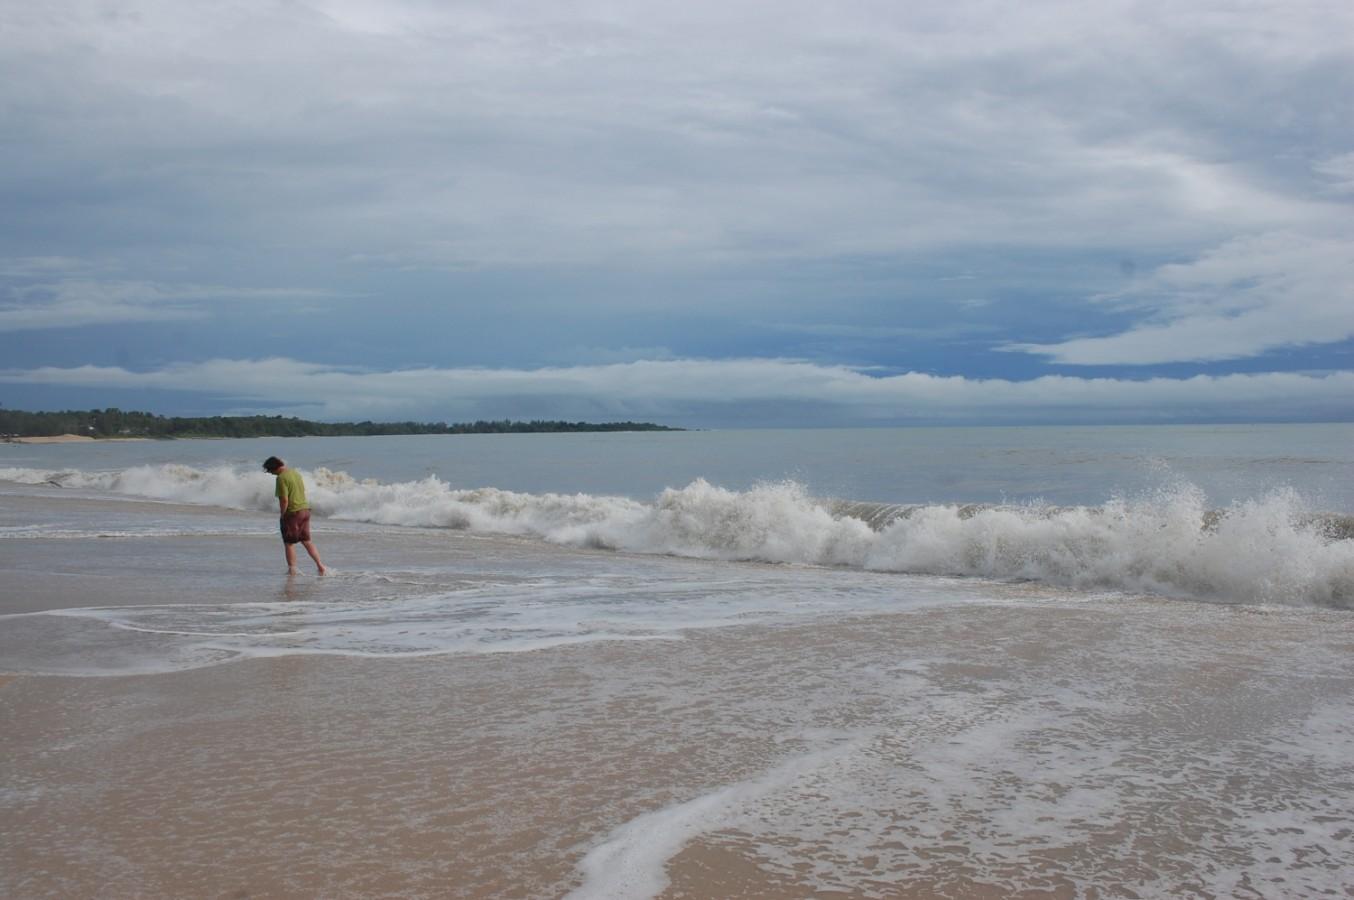 Az esős és szeles Malajzia – Három hét alatt három ország Ázsiában 1. rész